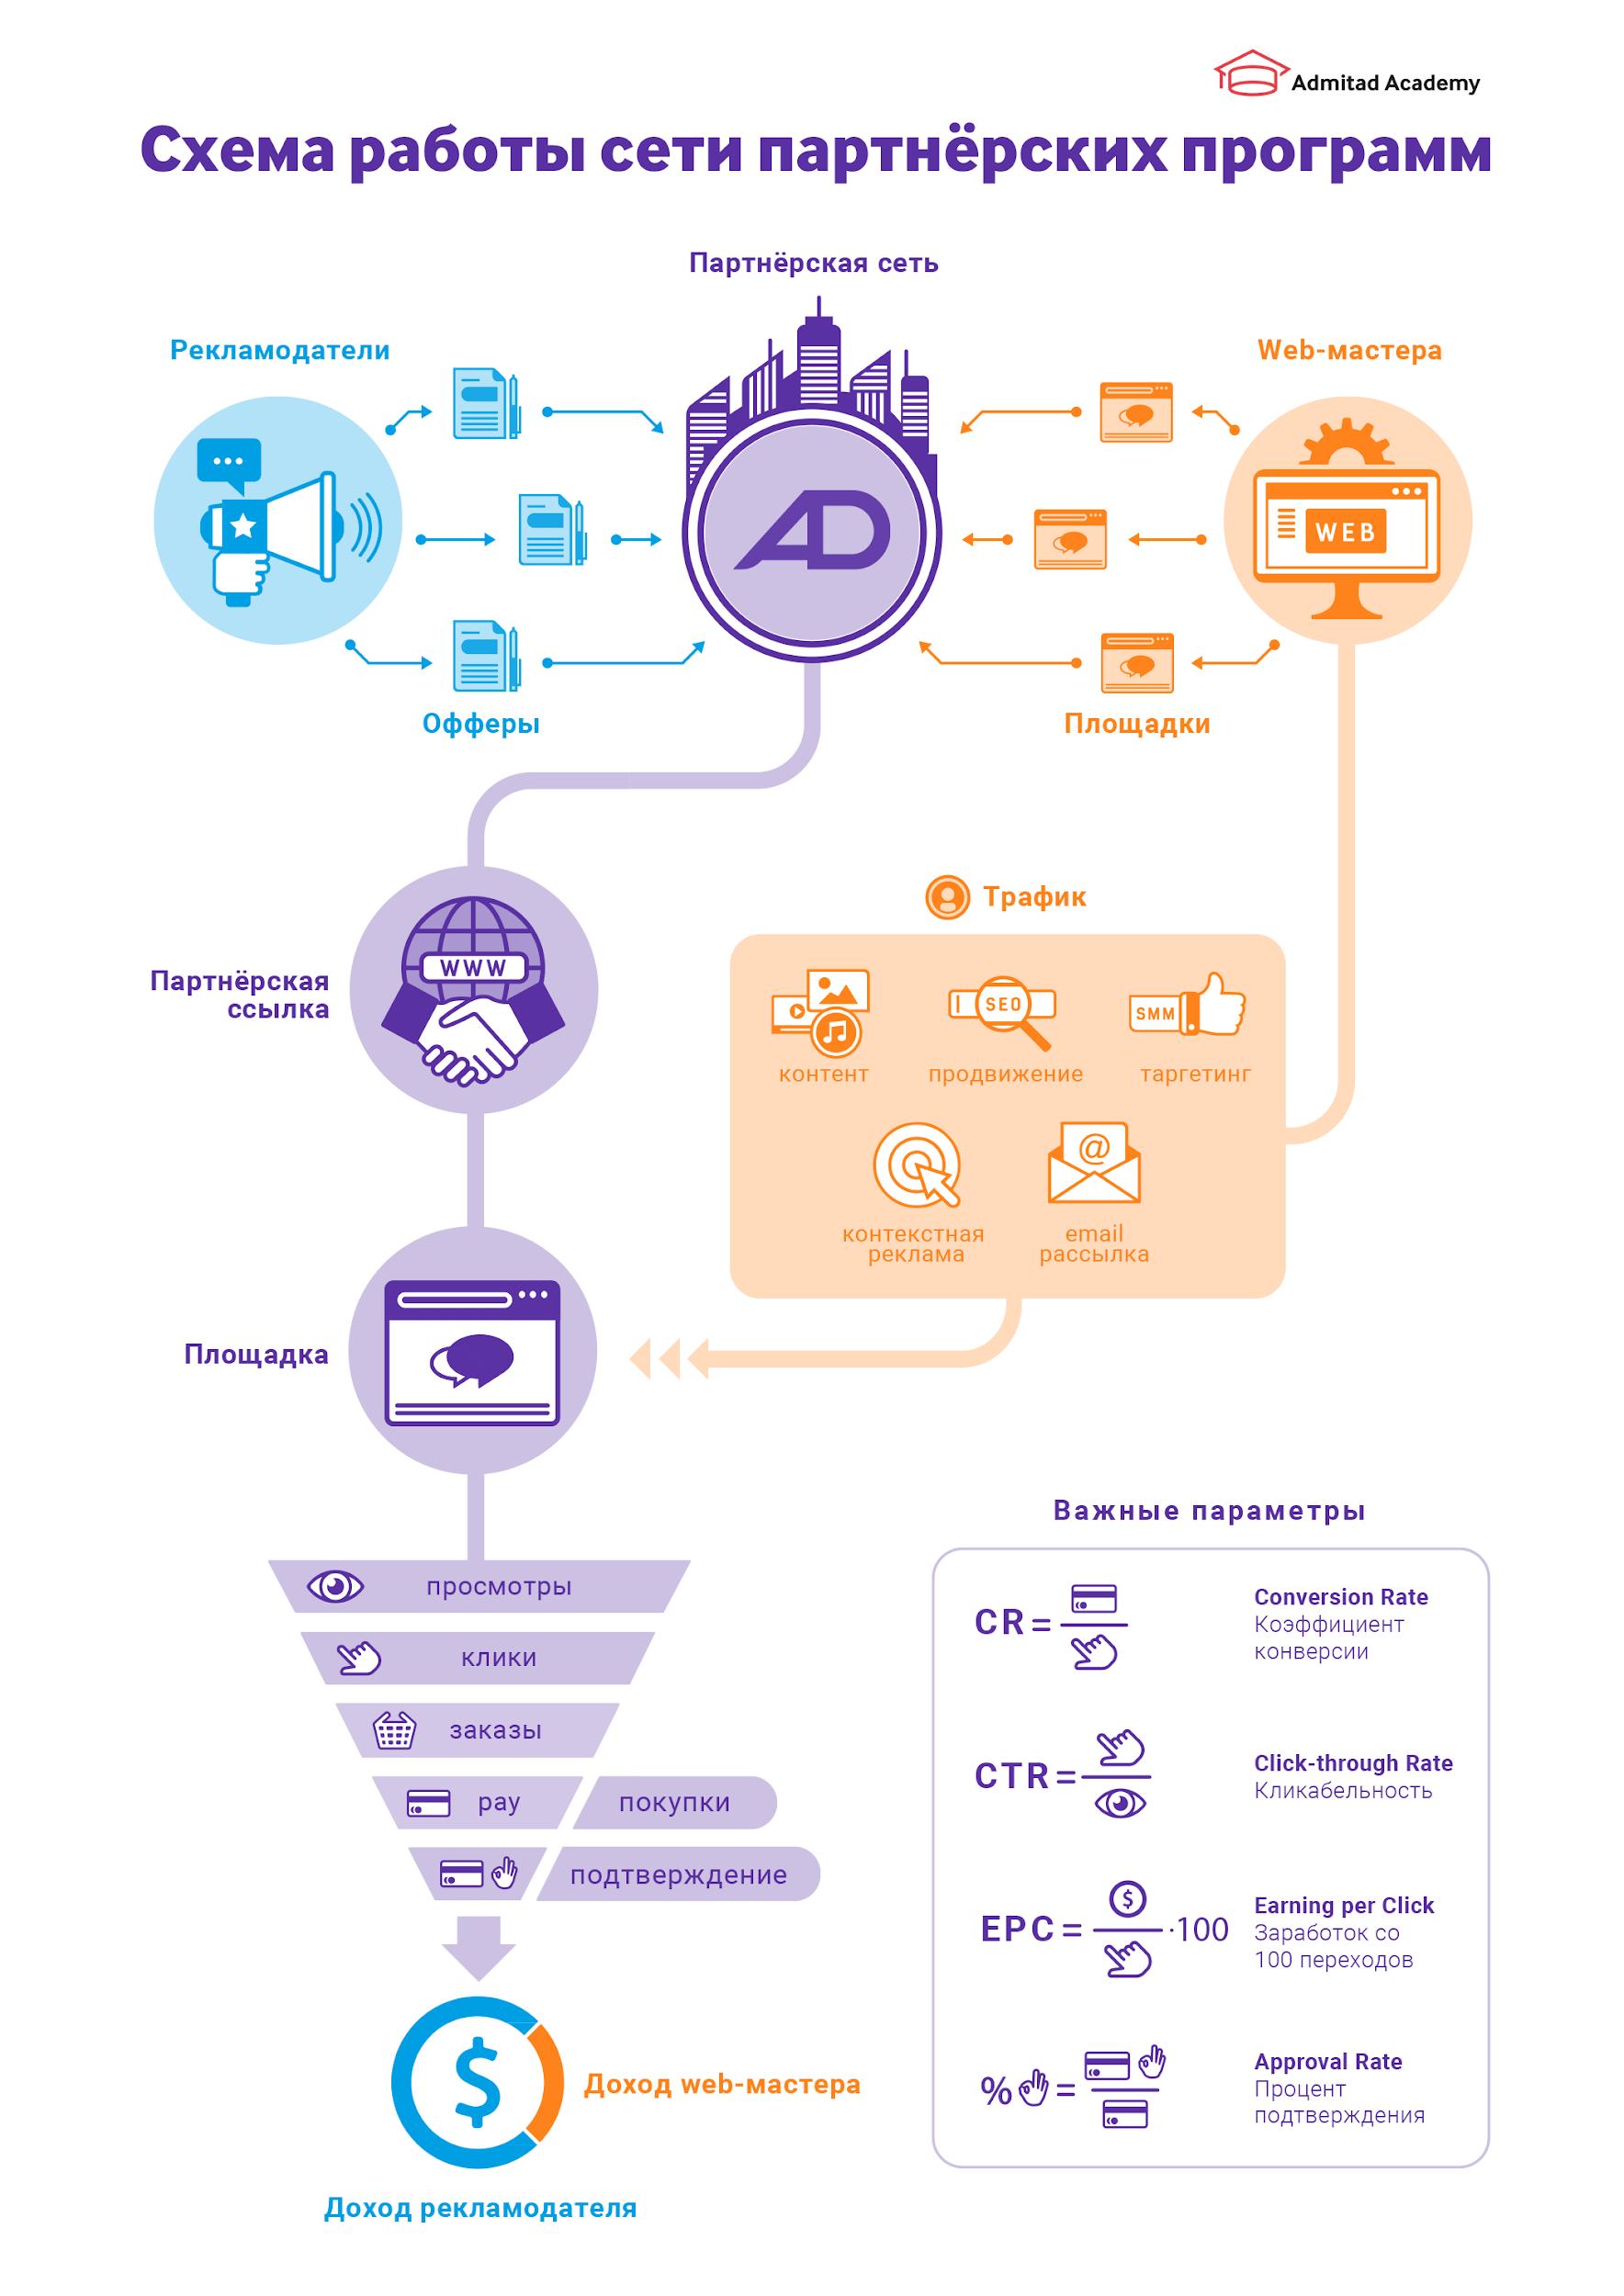 Схема работы сети партнёрских программ